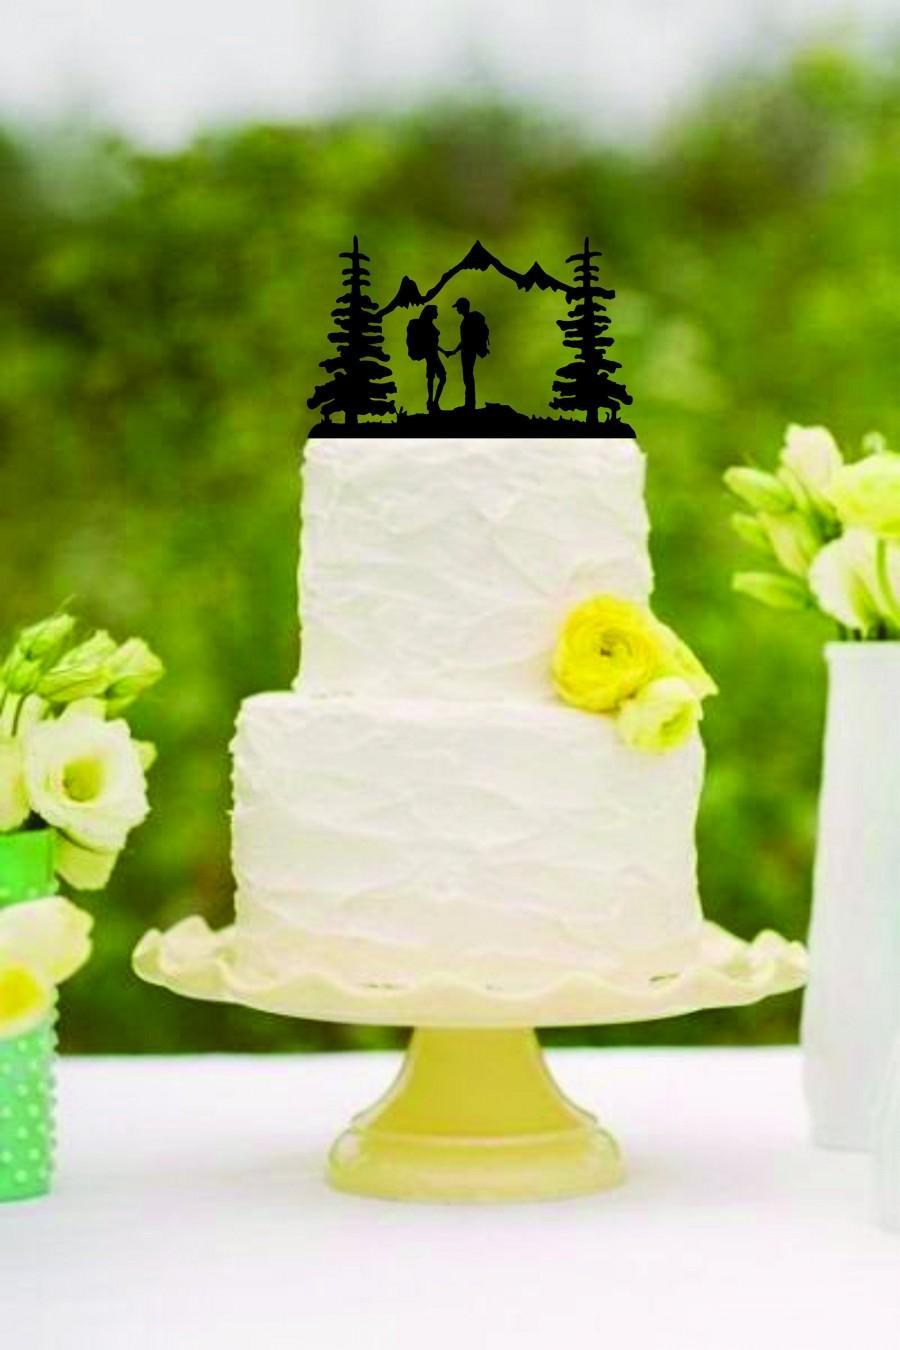 زفاف - Wedding Cake Topper Couple Back Packing Hiking Mountains FREE Personalization Laser Cut